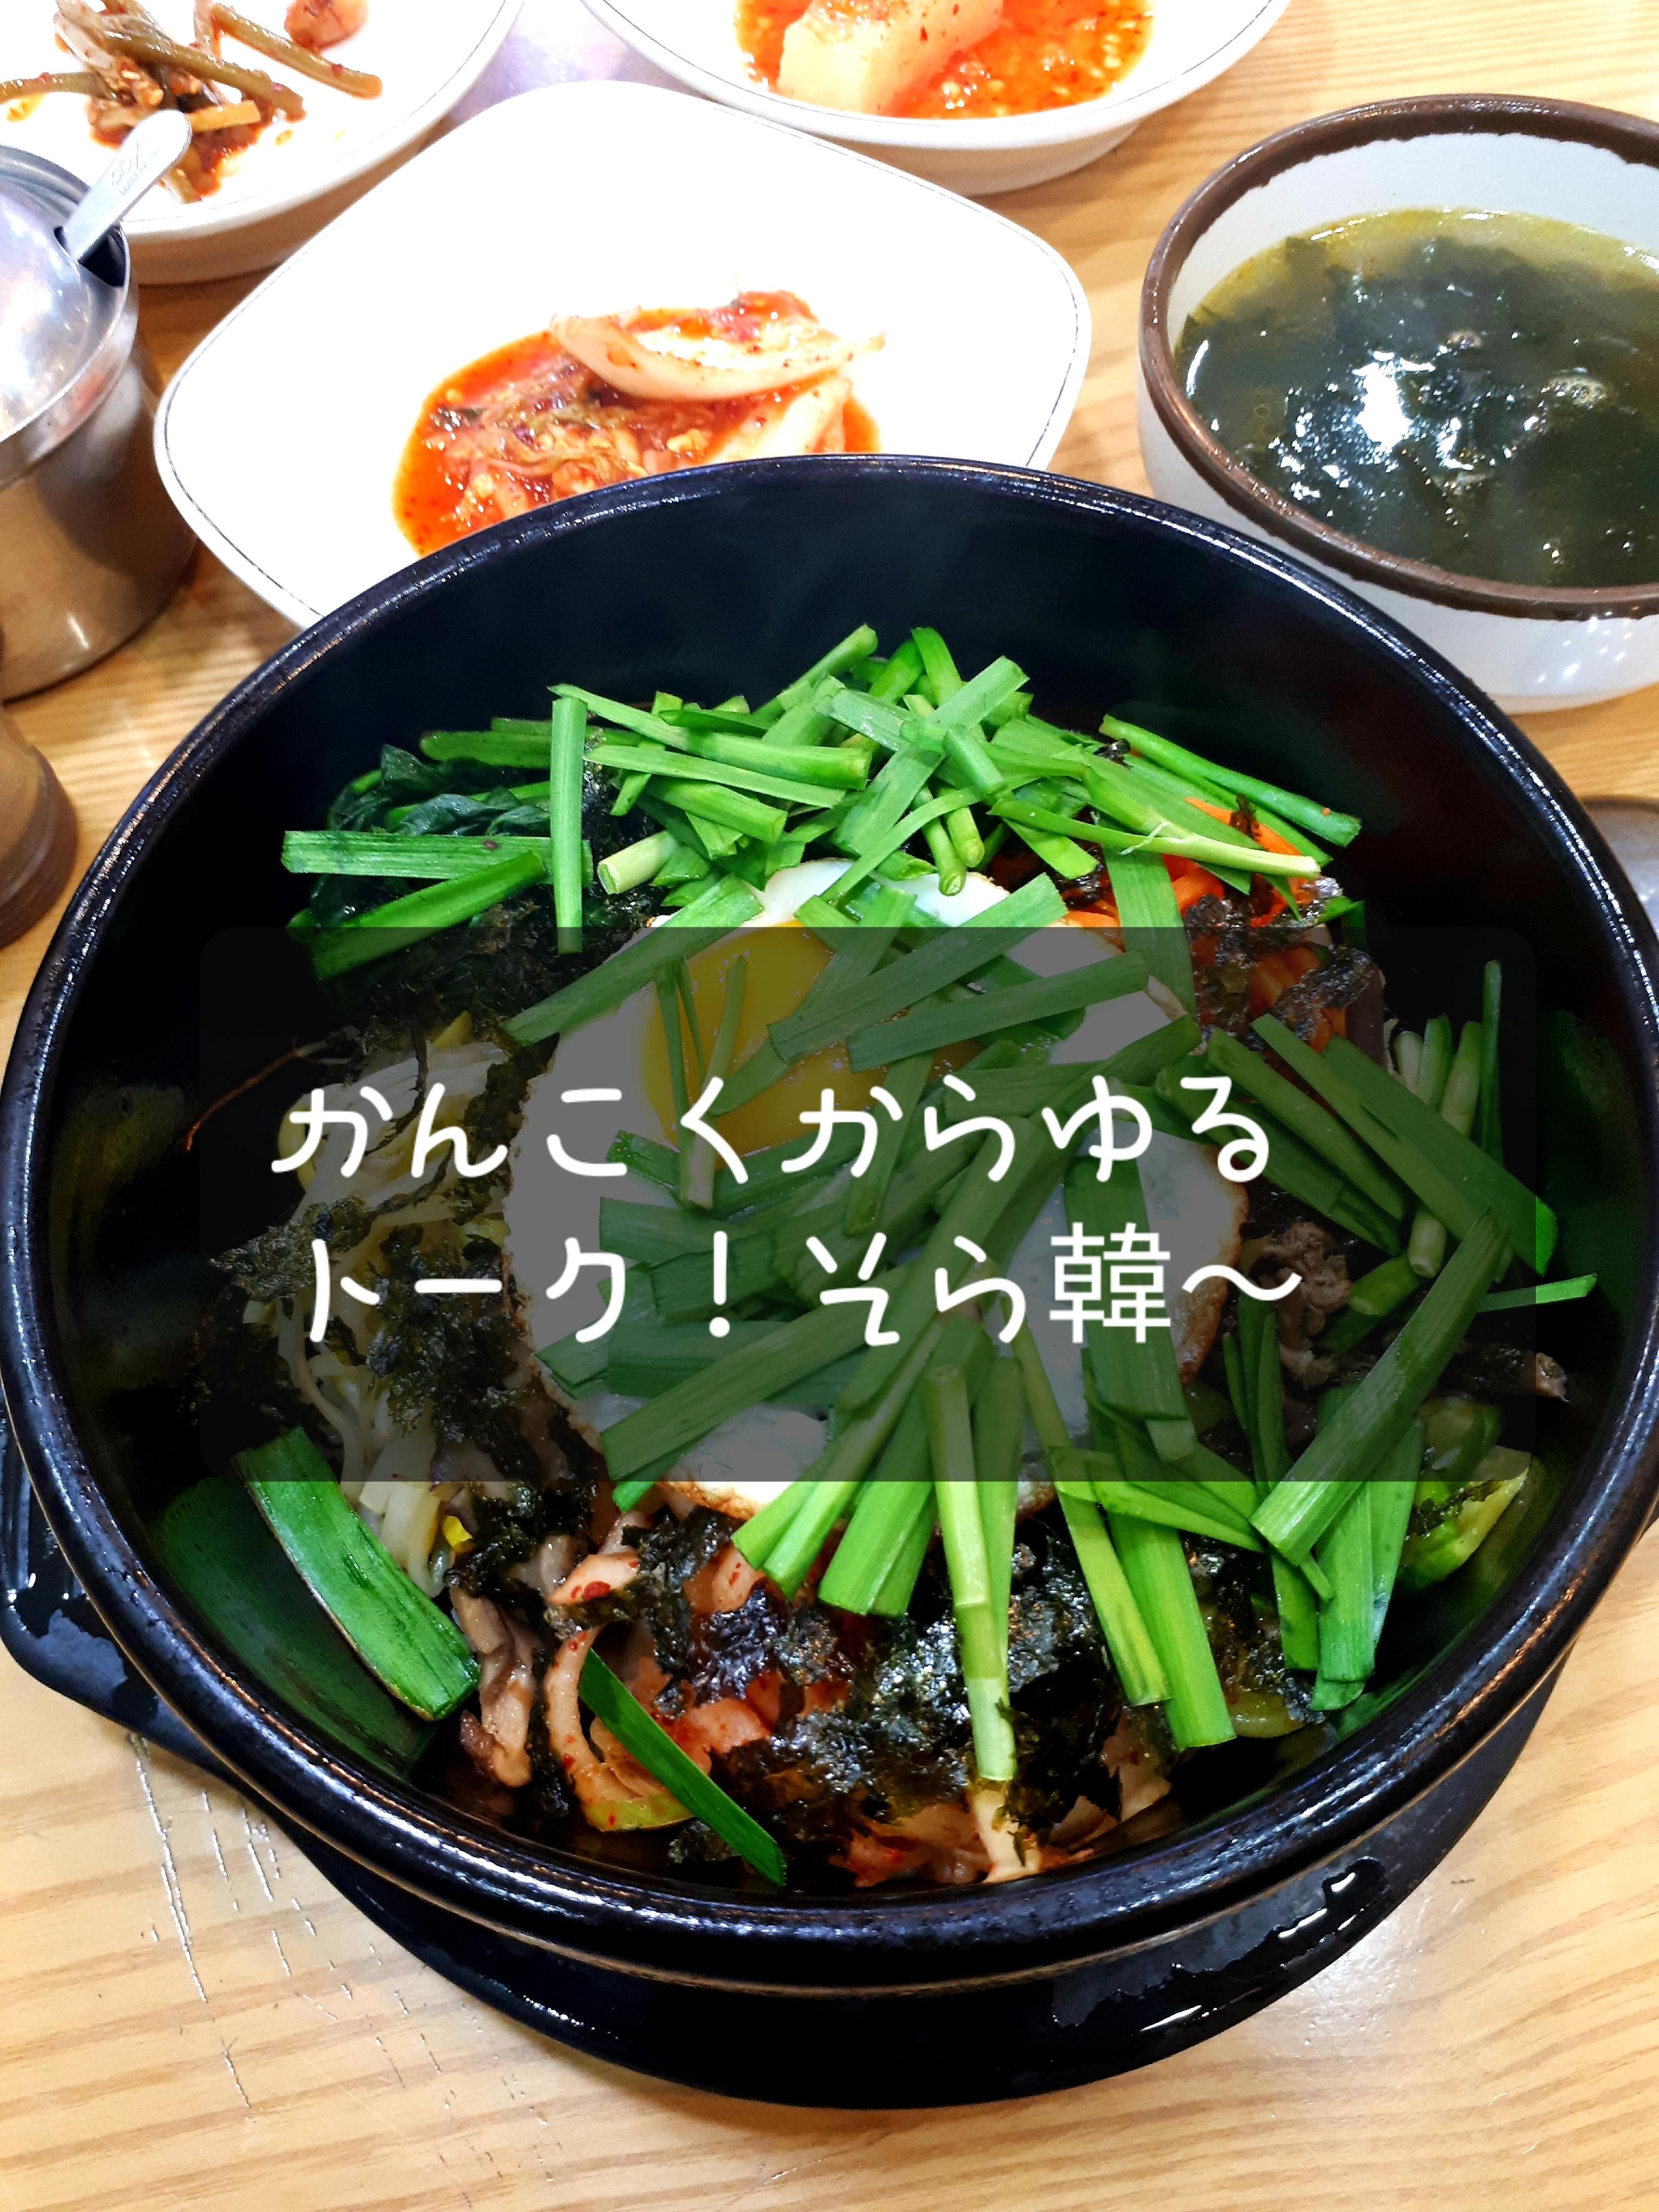 ペクさんが食いまくり!韓国おすすめテレビ番組「ストリートフードファイター」について